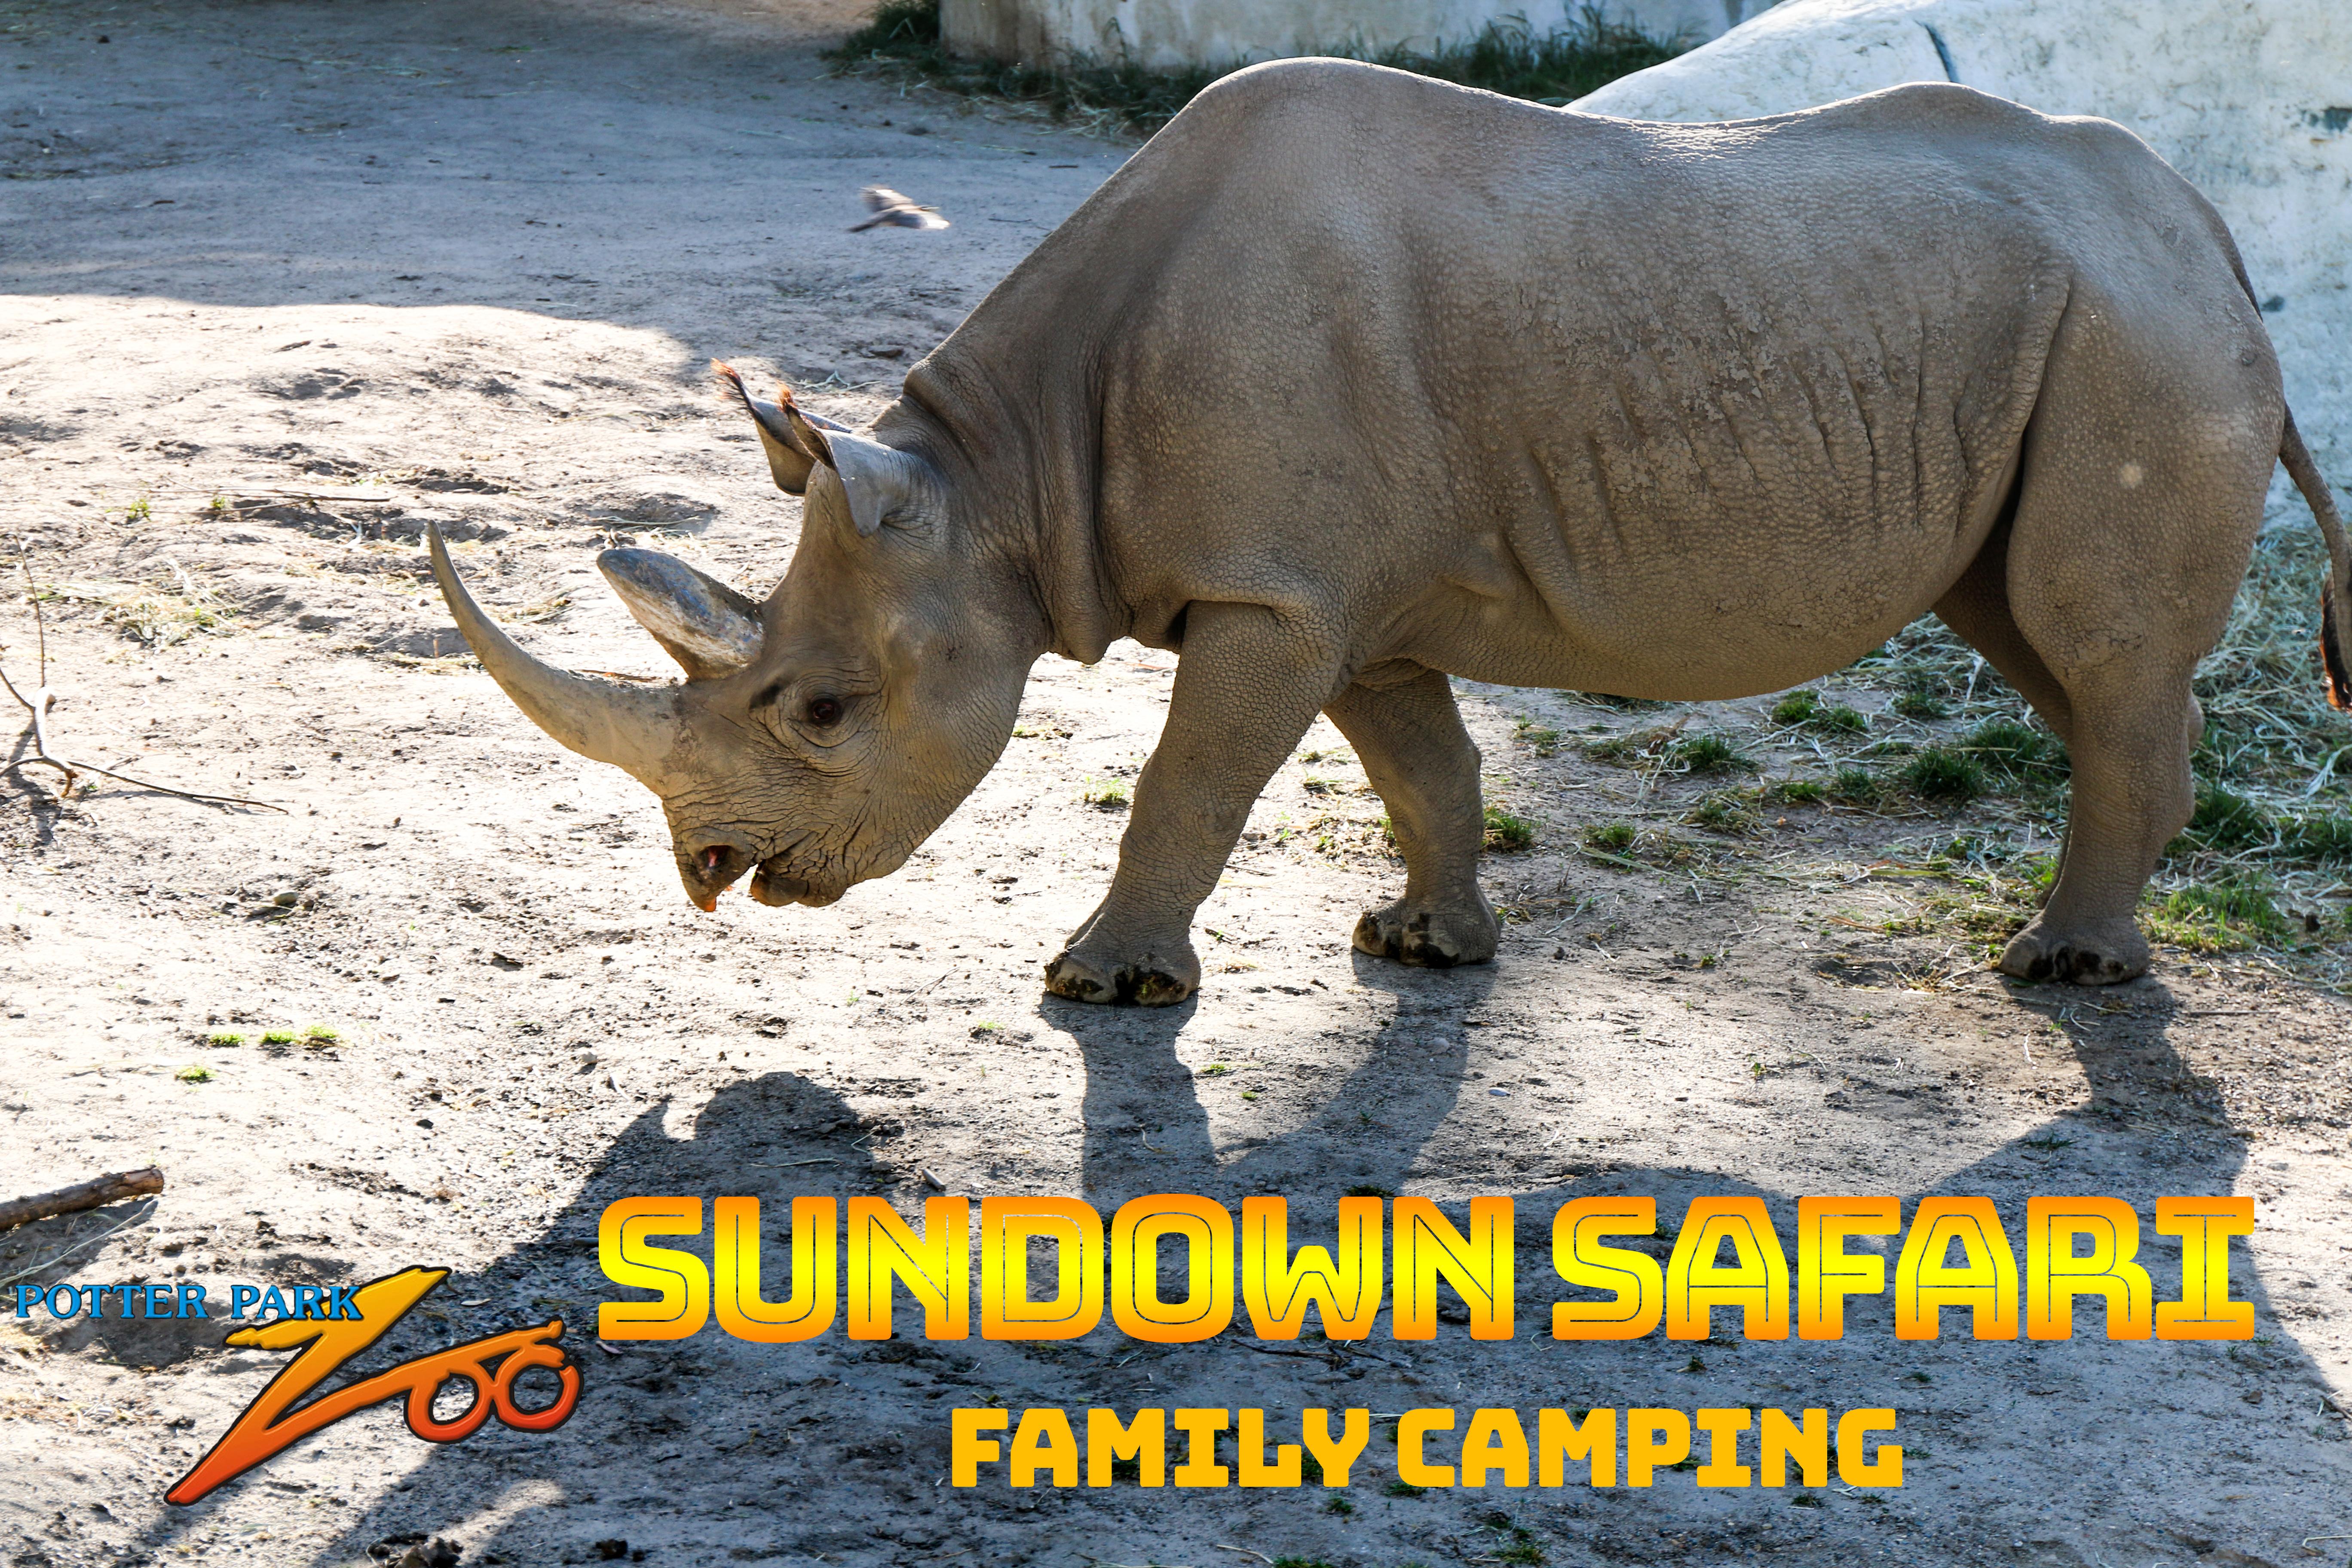 Sundown Safari banner